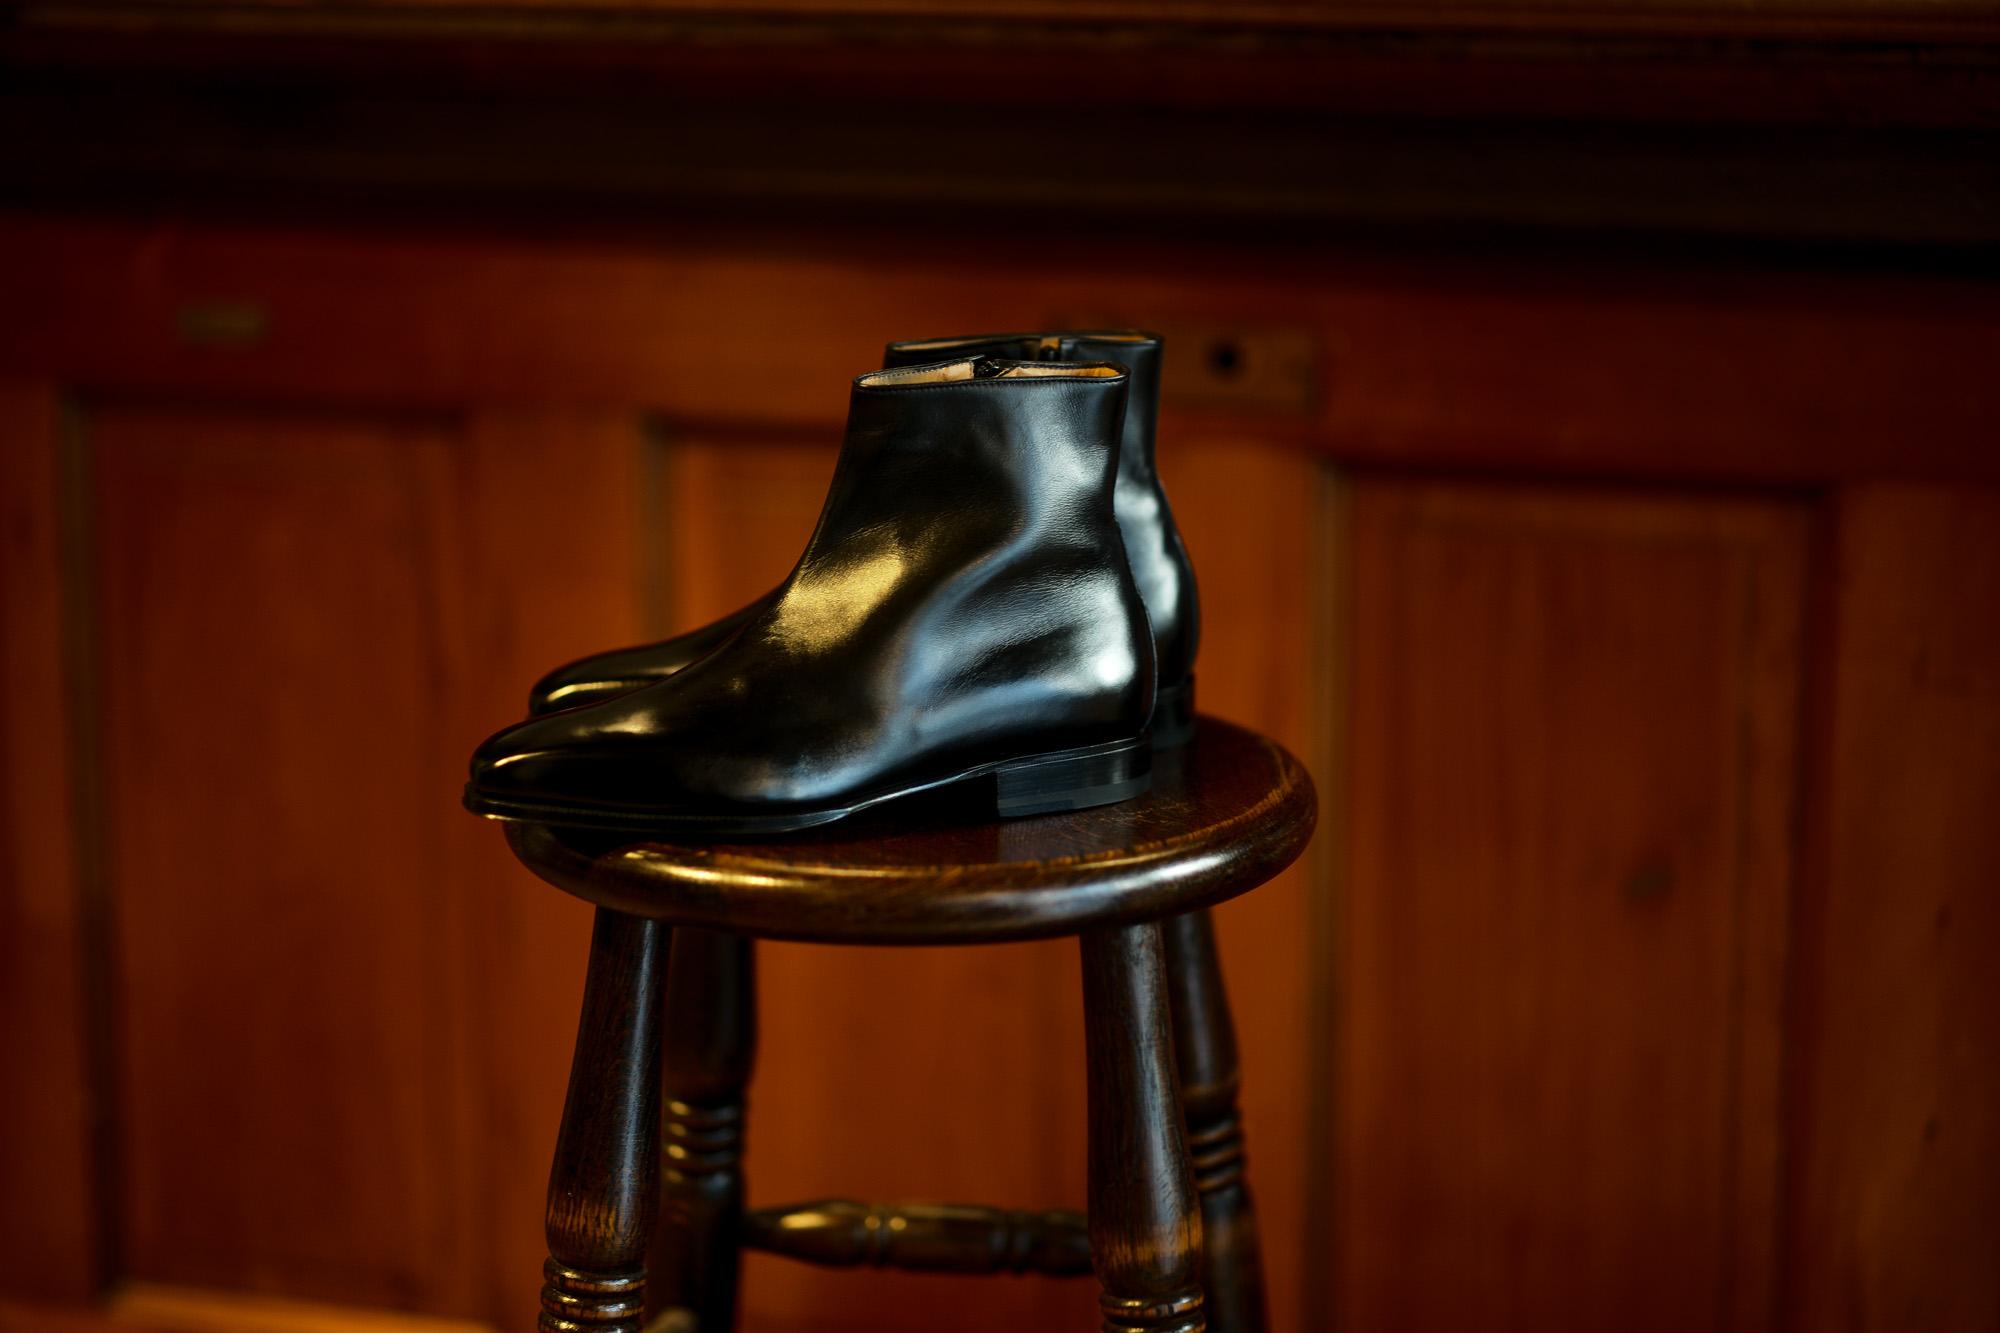 ENZO BONAFE(エンツォボナフェ) ART.3993 Zip up Boots Du Puy Vitello デュプイ社ボックスカーフ ダブルストラップブーツ NERO (ブラック) made in italy (イタリア製) 2020 秋冬新作 【入荷しました】【フリー分発売開始】愛知 名古屋 Alto e Diritto altoediritto アルトエデリット